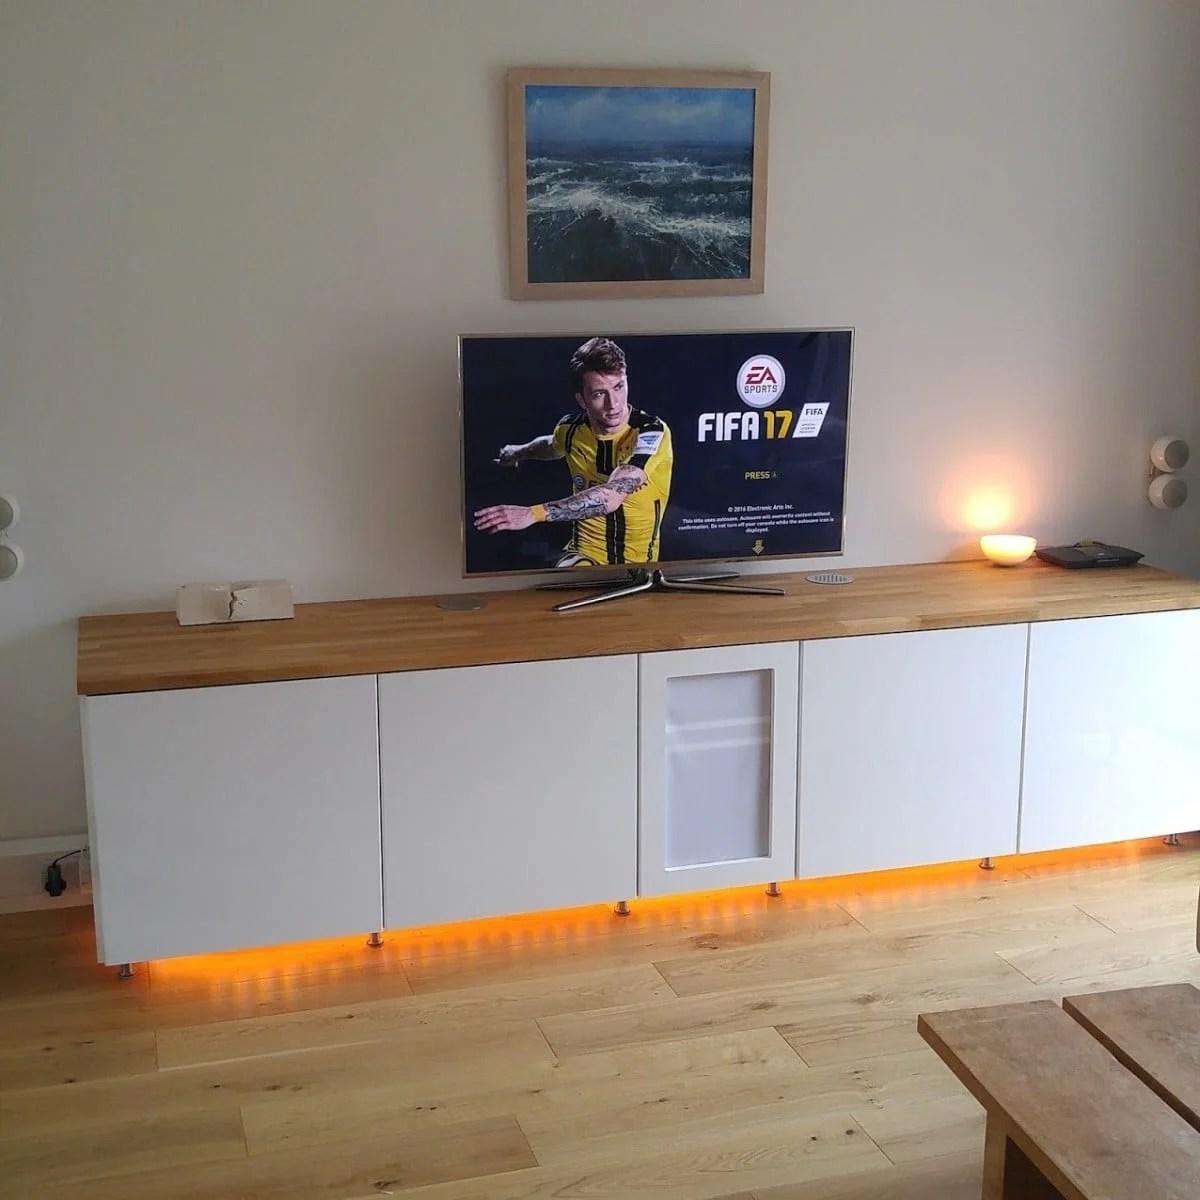 Ikea Metod Cabinets Into Av Unit Ikea Hackers